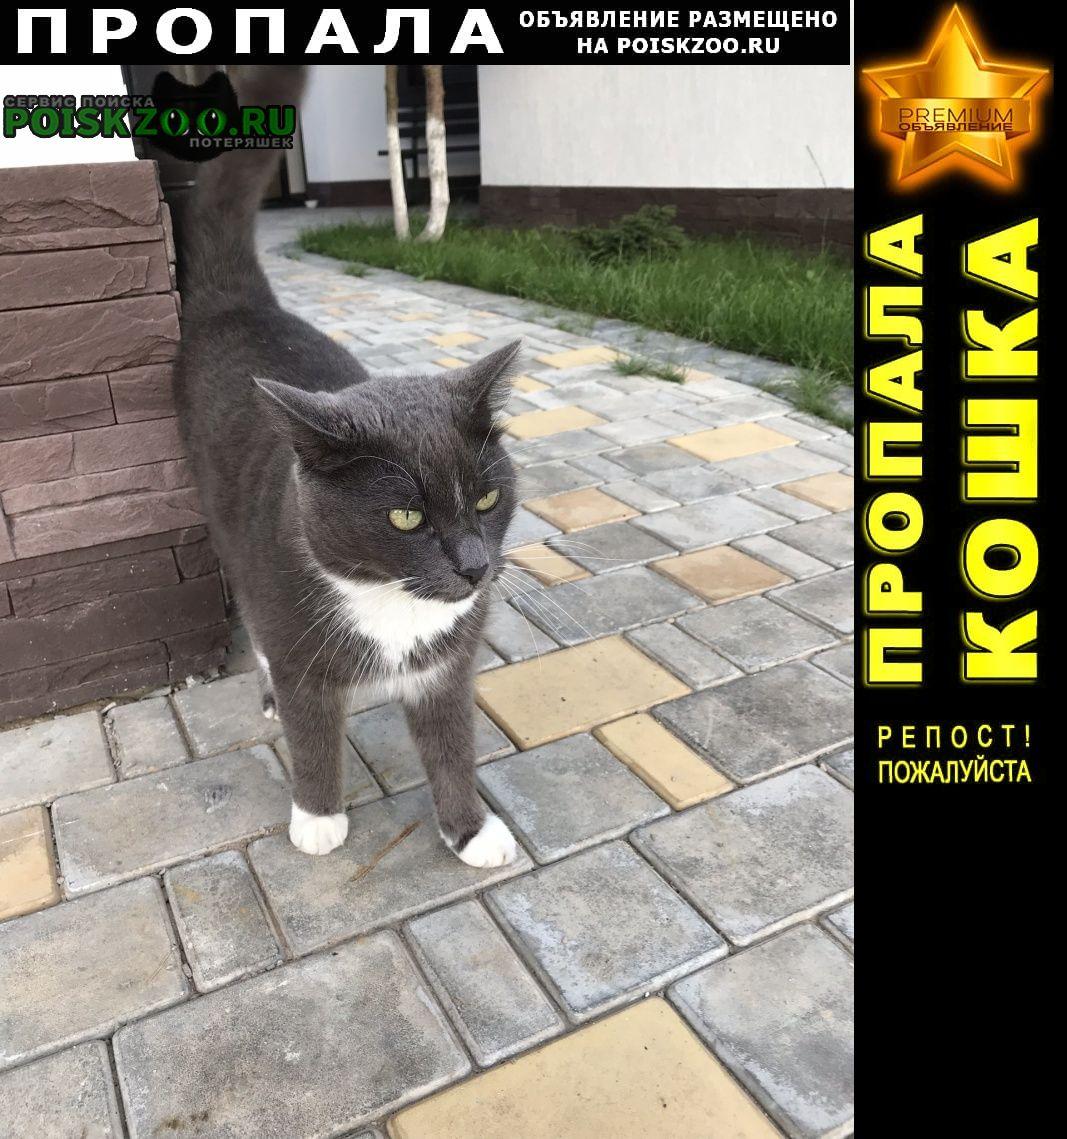 Пропала кошка кот Красногорск